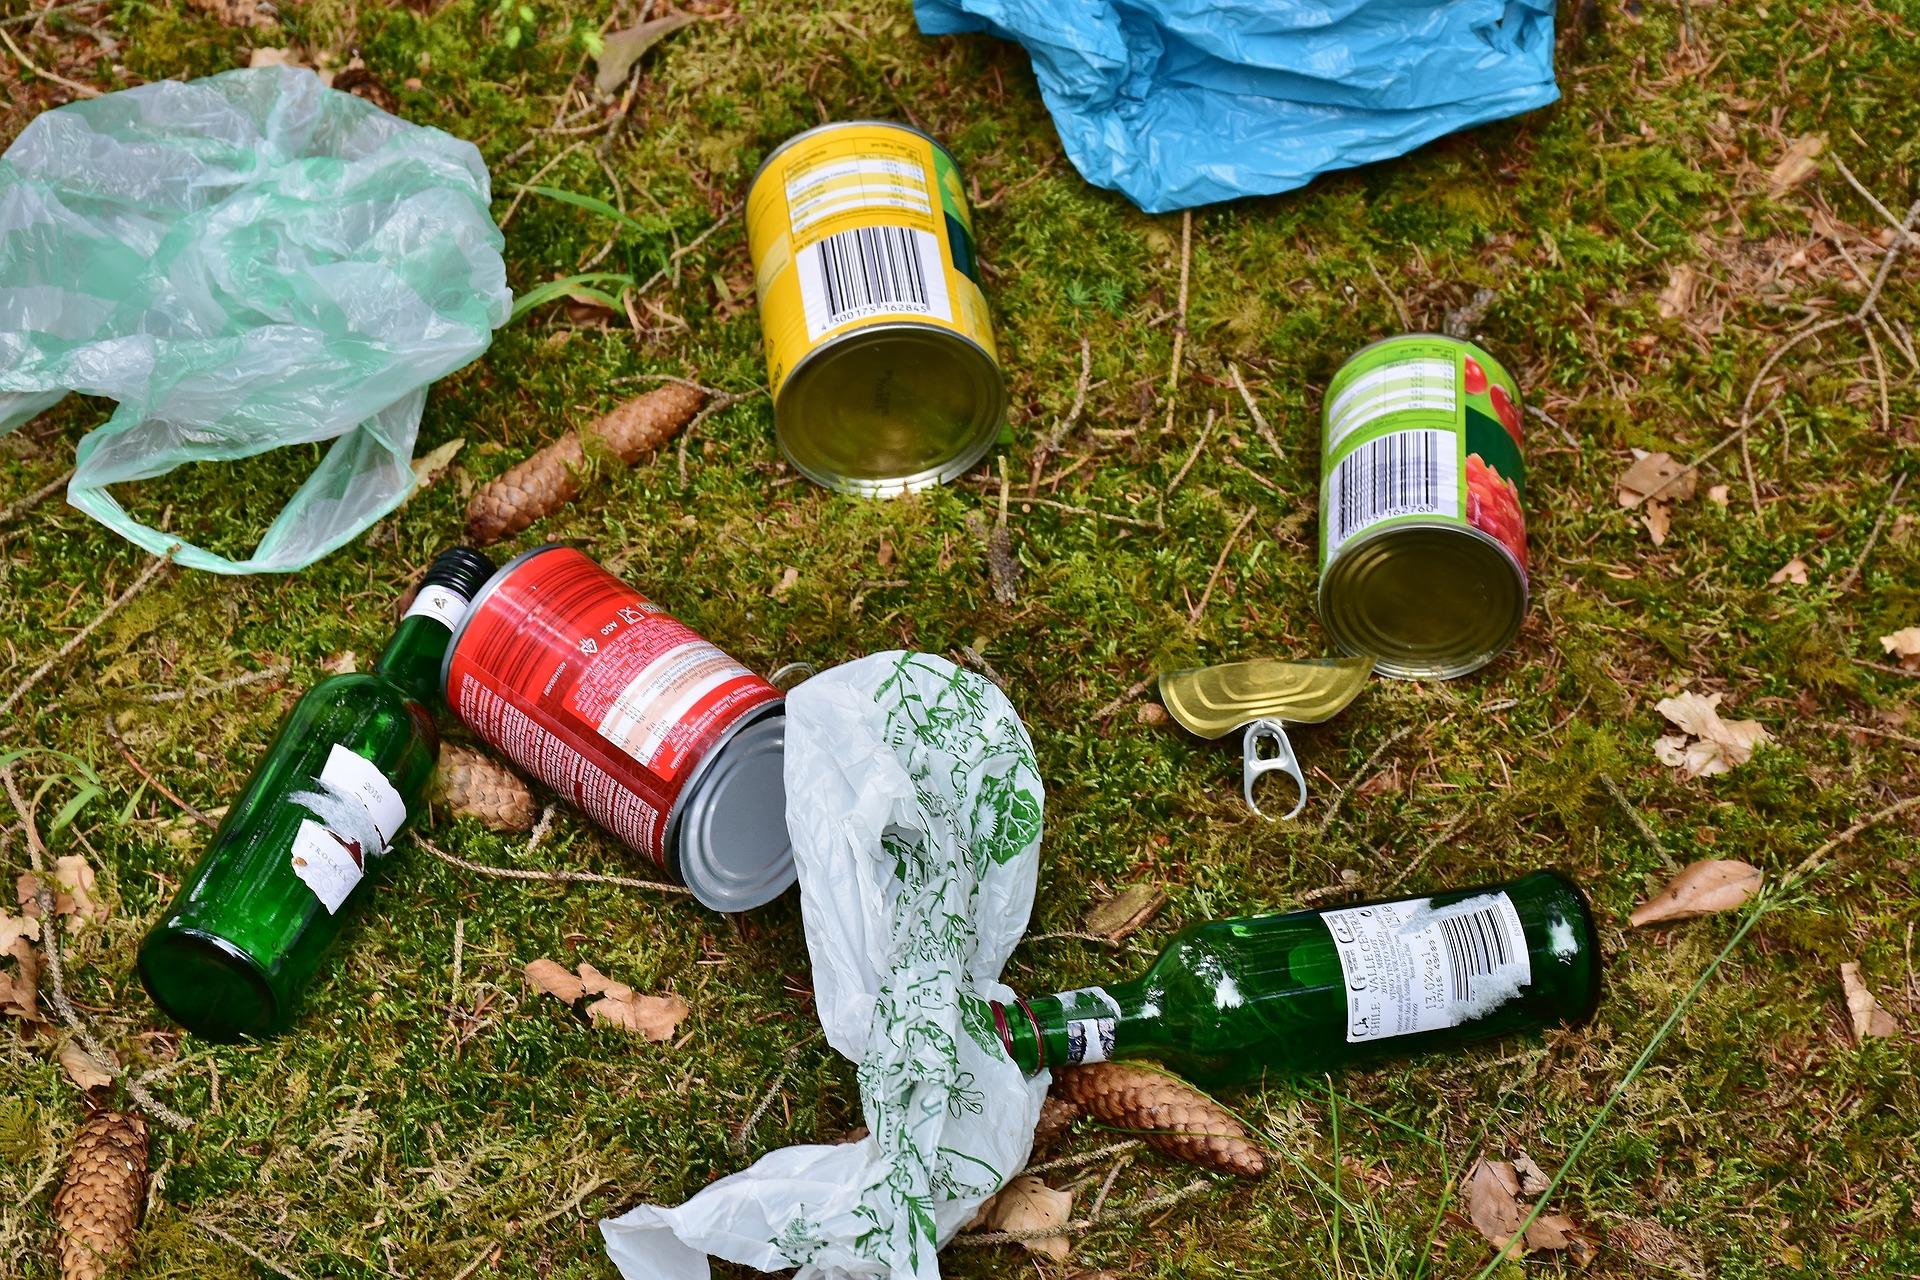 garbage-2416624_1920.jpg